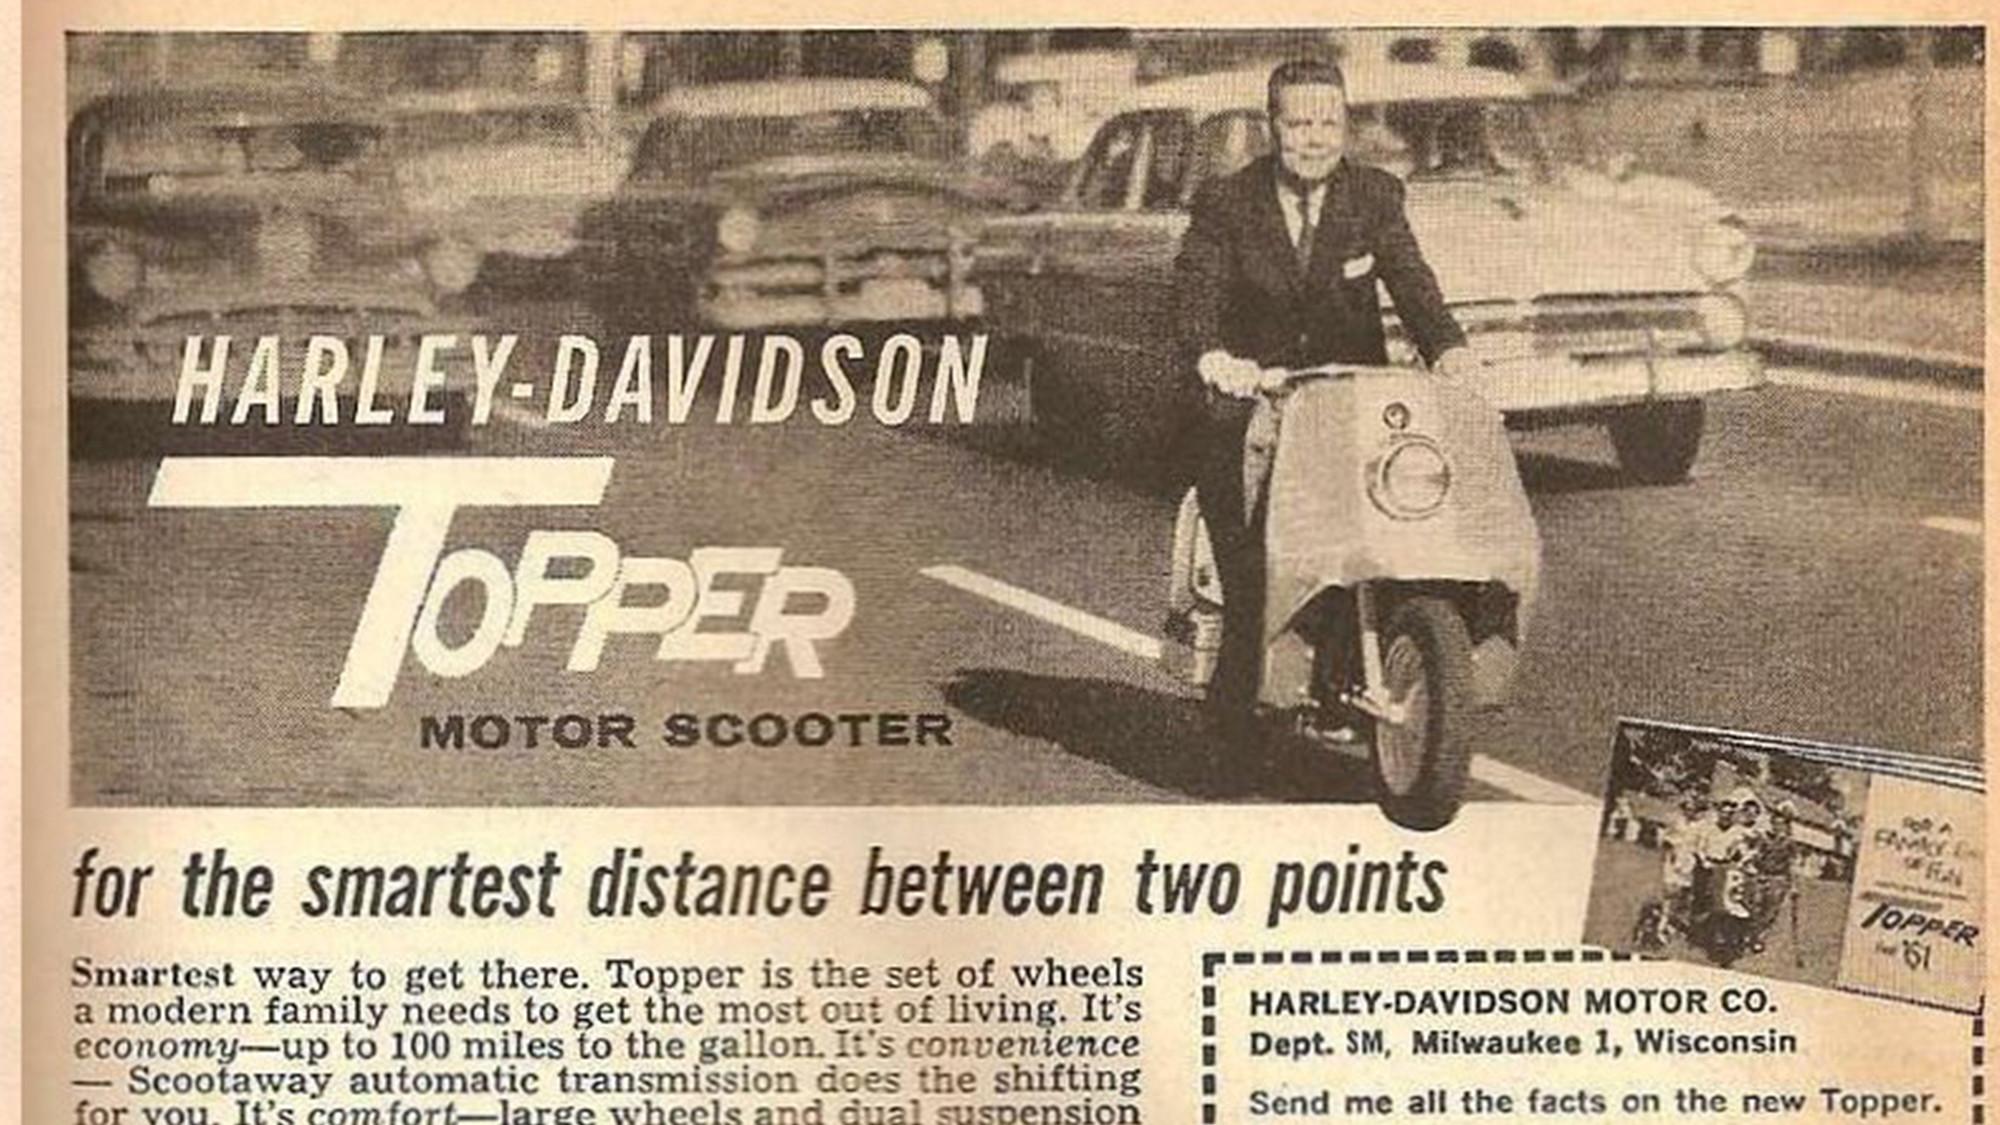 Harley-Davidson Topper scooter